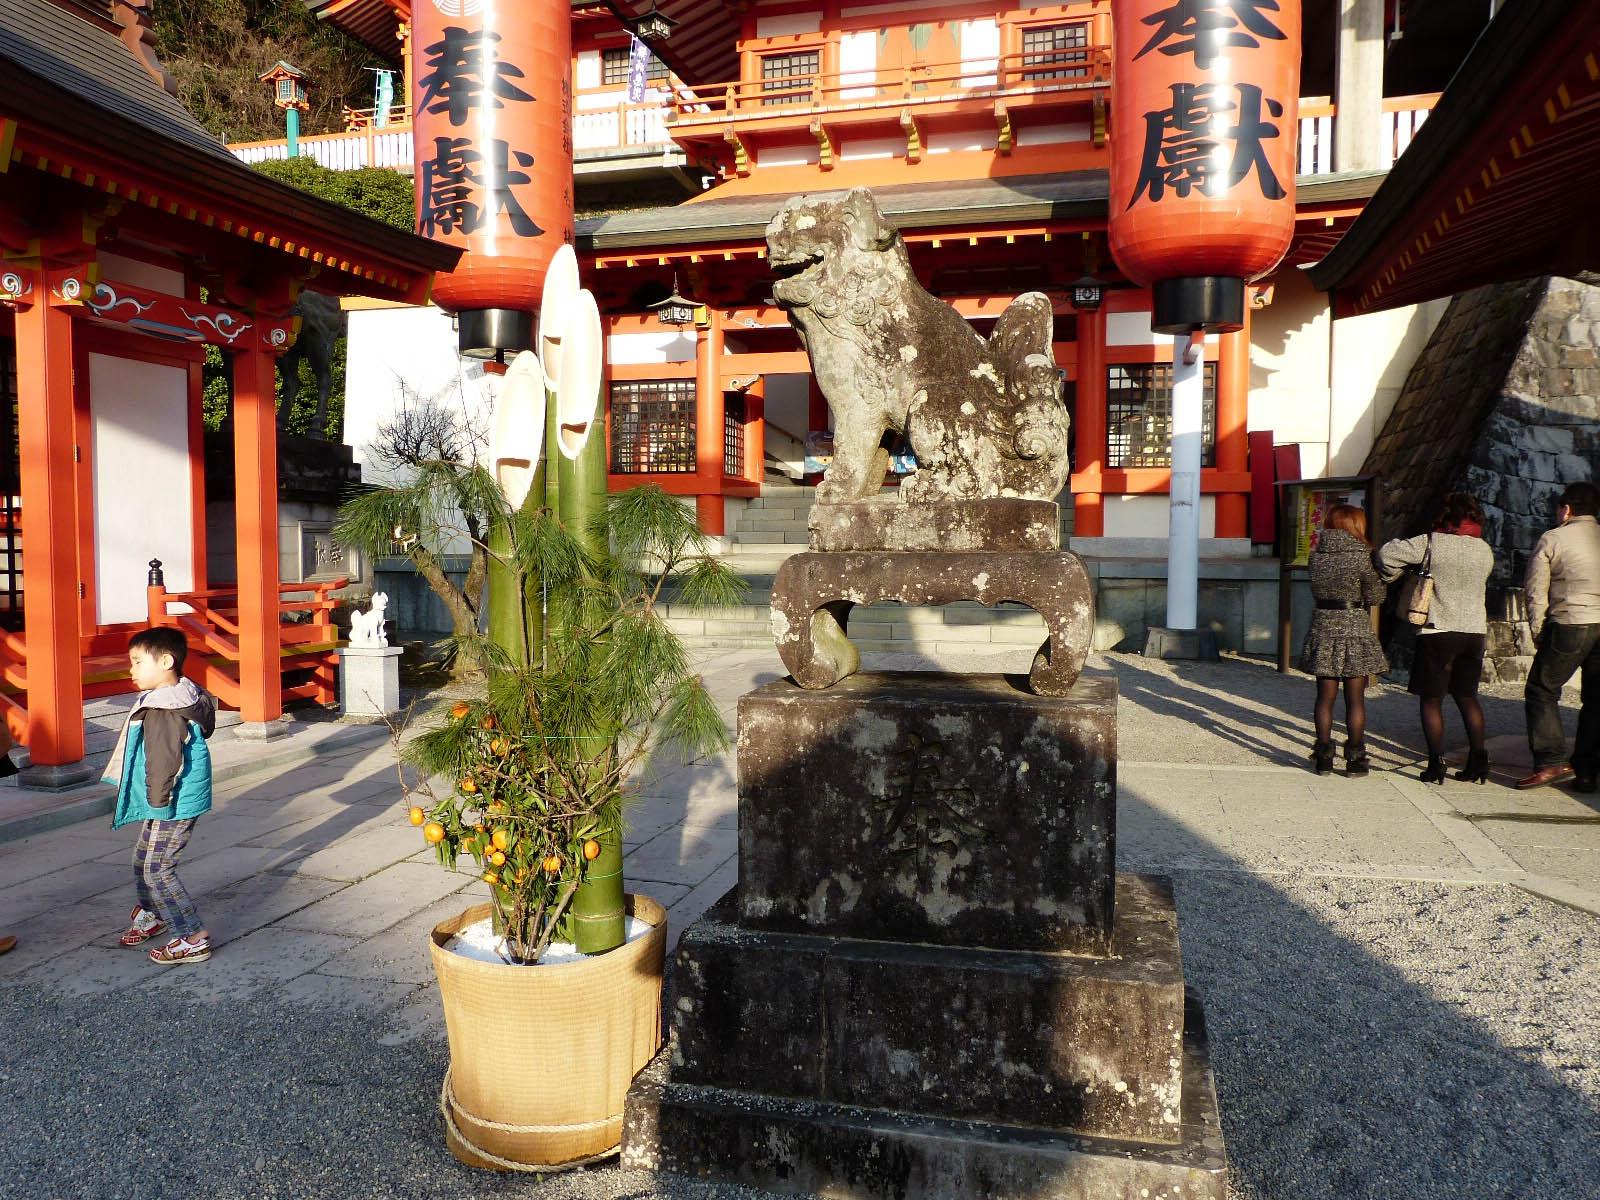 takahashi_inari_jinja_08.jpg